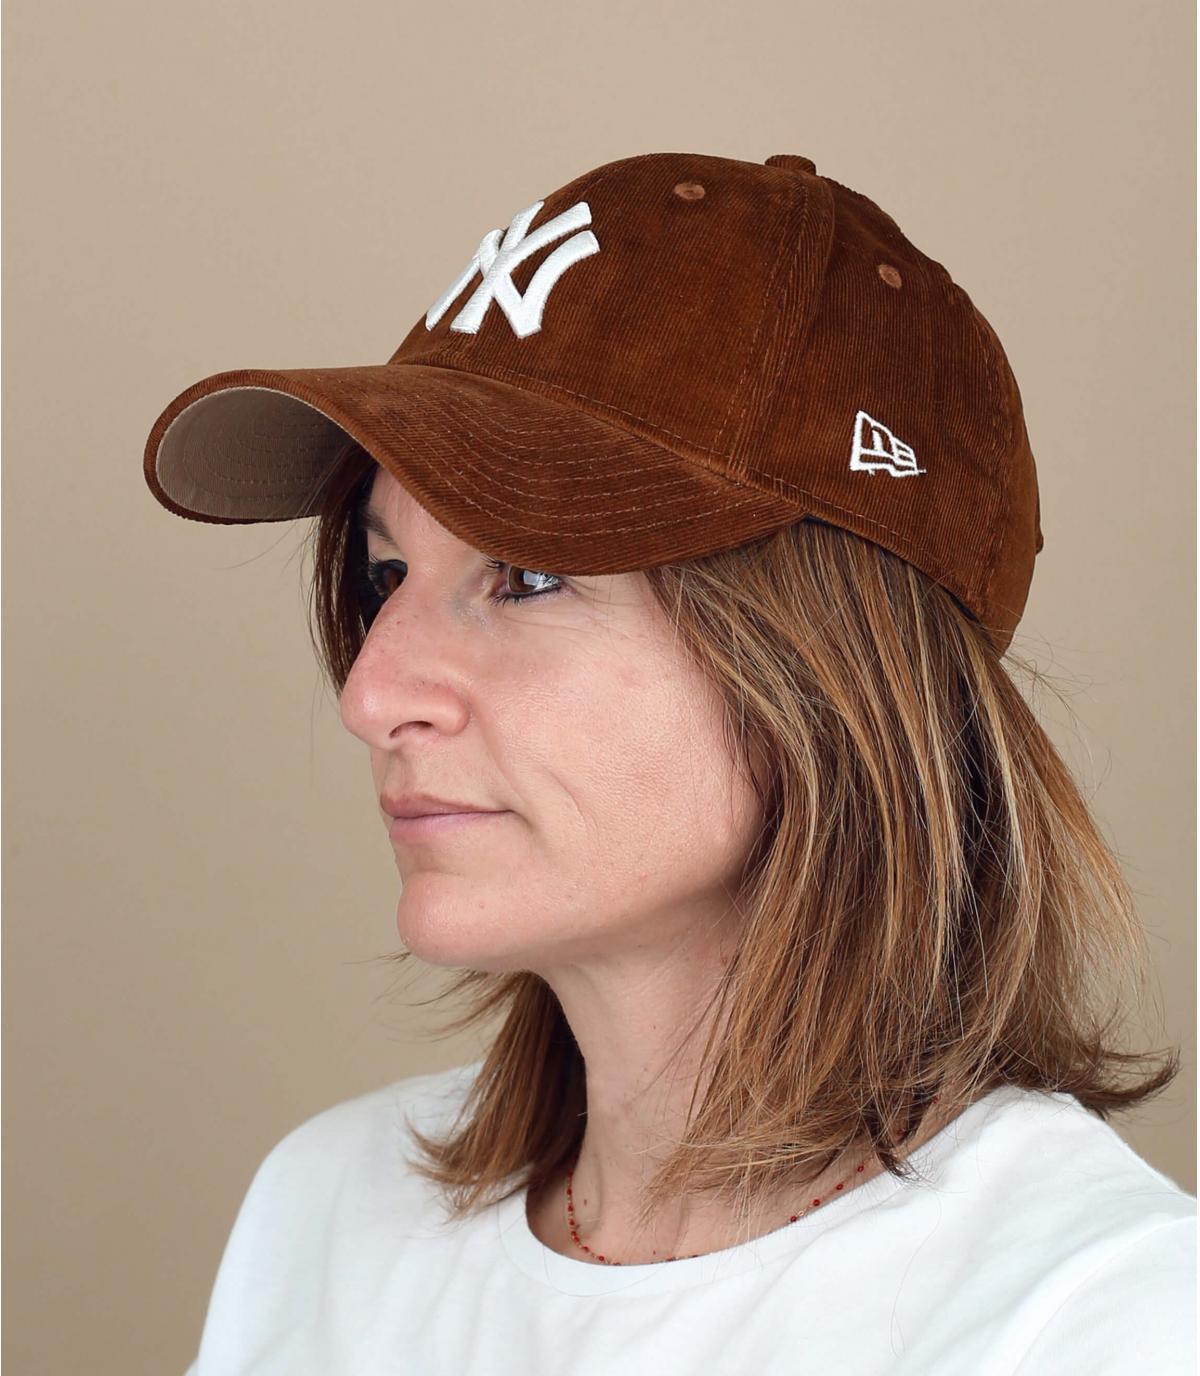 cappellino scamosciato marrone donna